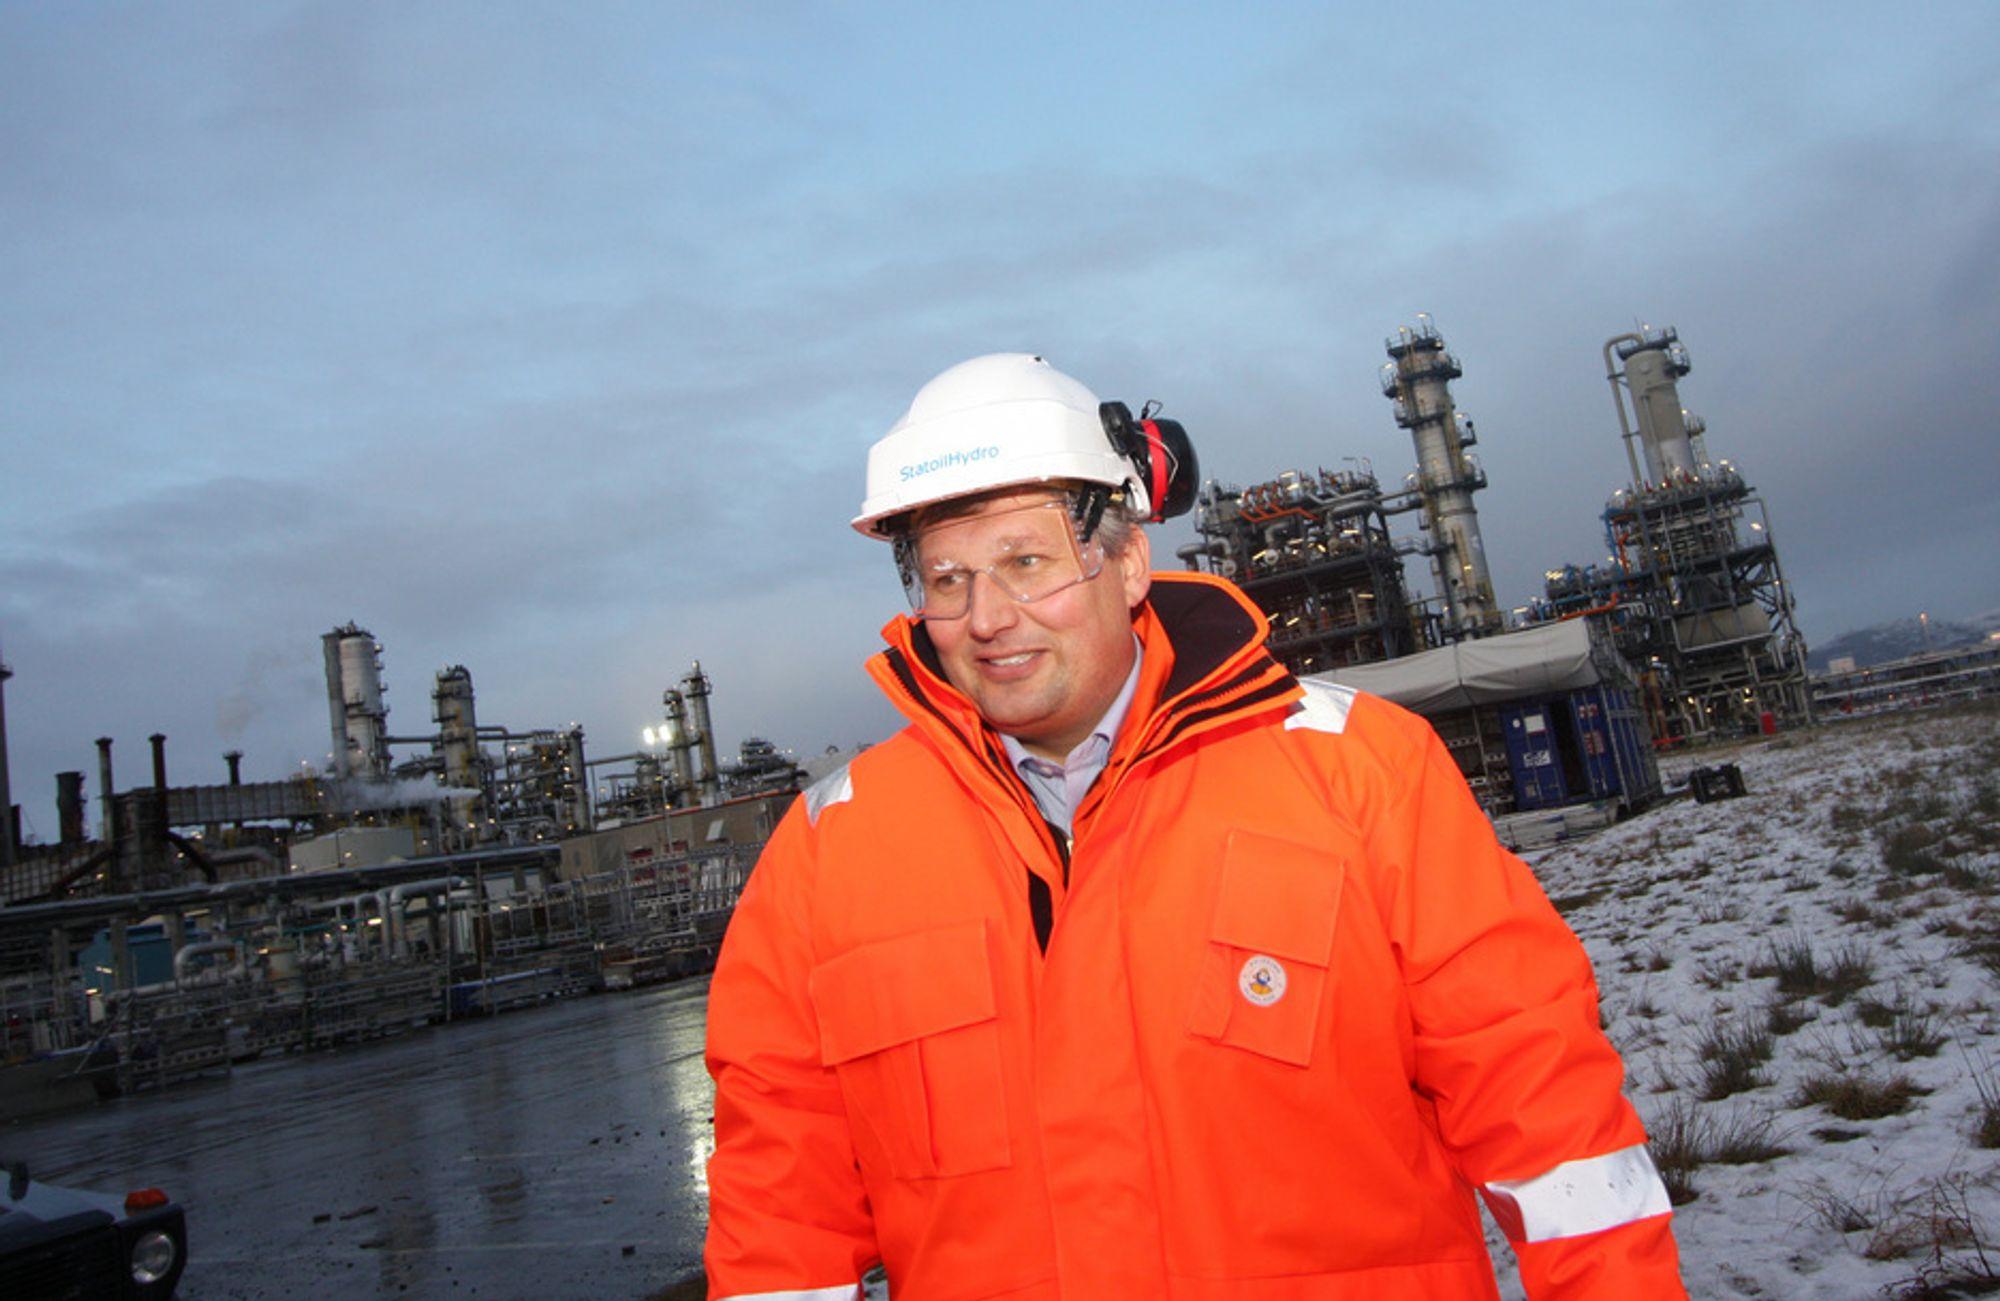 - SKJØNNER IKKE: Terje Riis-Johansen og regjeringen forstår ikke peak oil, mener Miljøpartiet De Grønne. De reagerer på at regjeringen ikke har noen plan for å omstille samfunnet. Her er Riis-Johansen på Mongstad, hvor man håper å utvikle teknologi for CO2-fangst som kan redusere verdens utslipp.